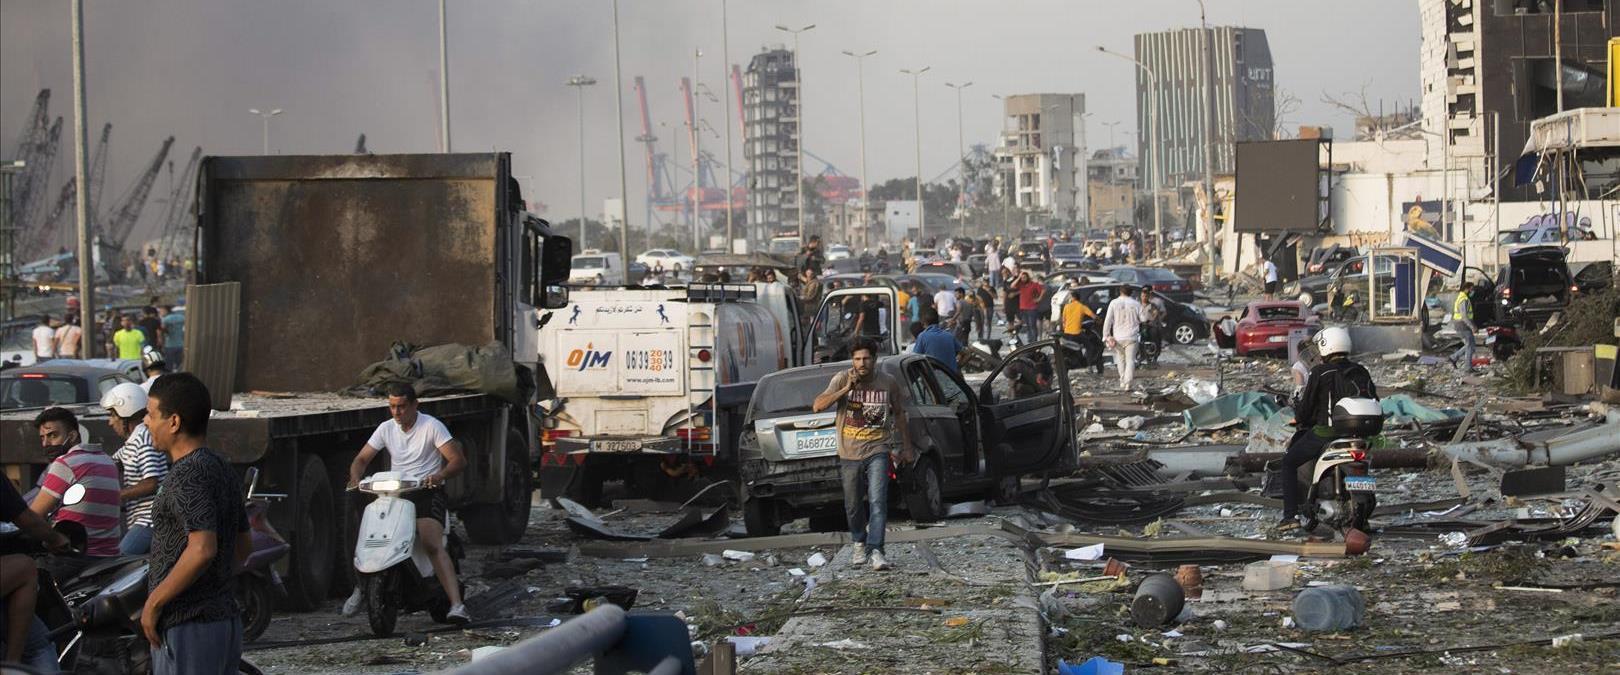 ביירות בפיצוץ